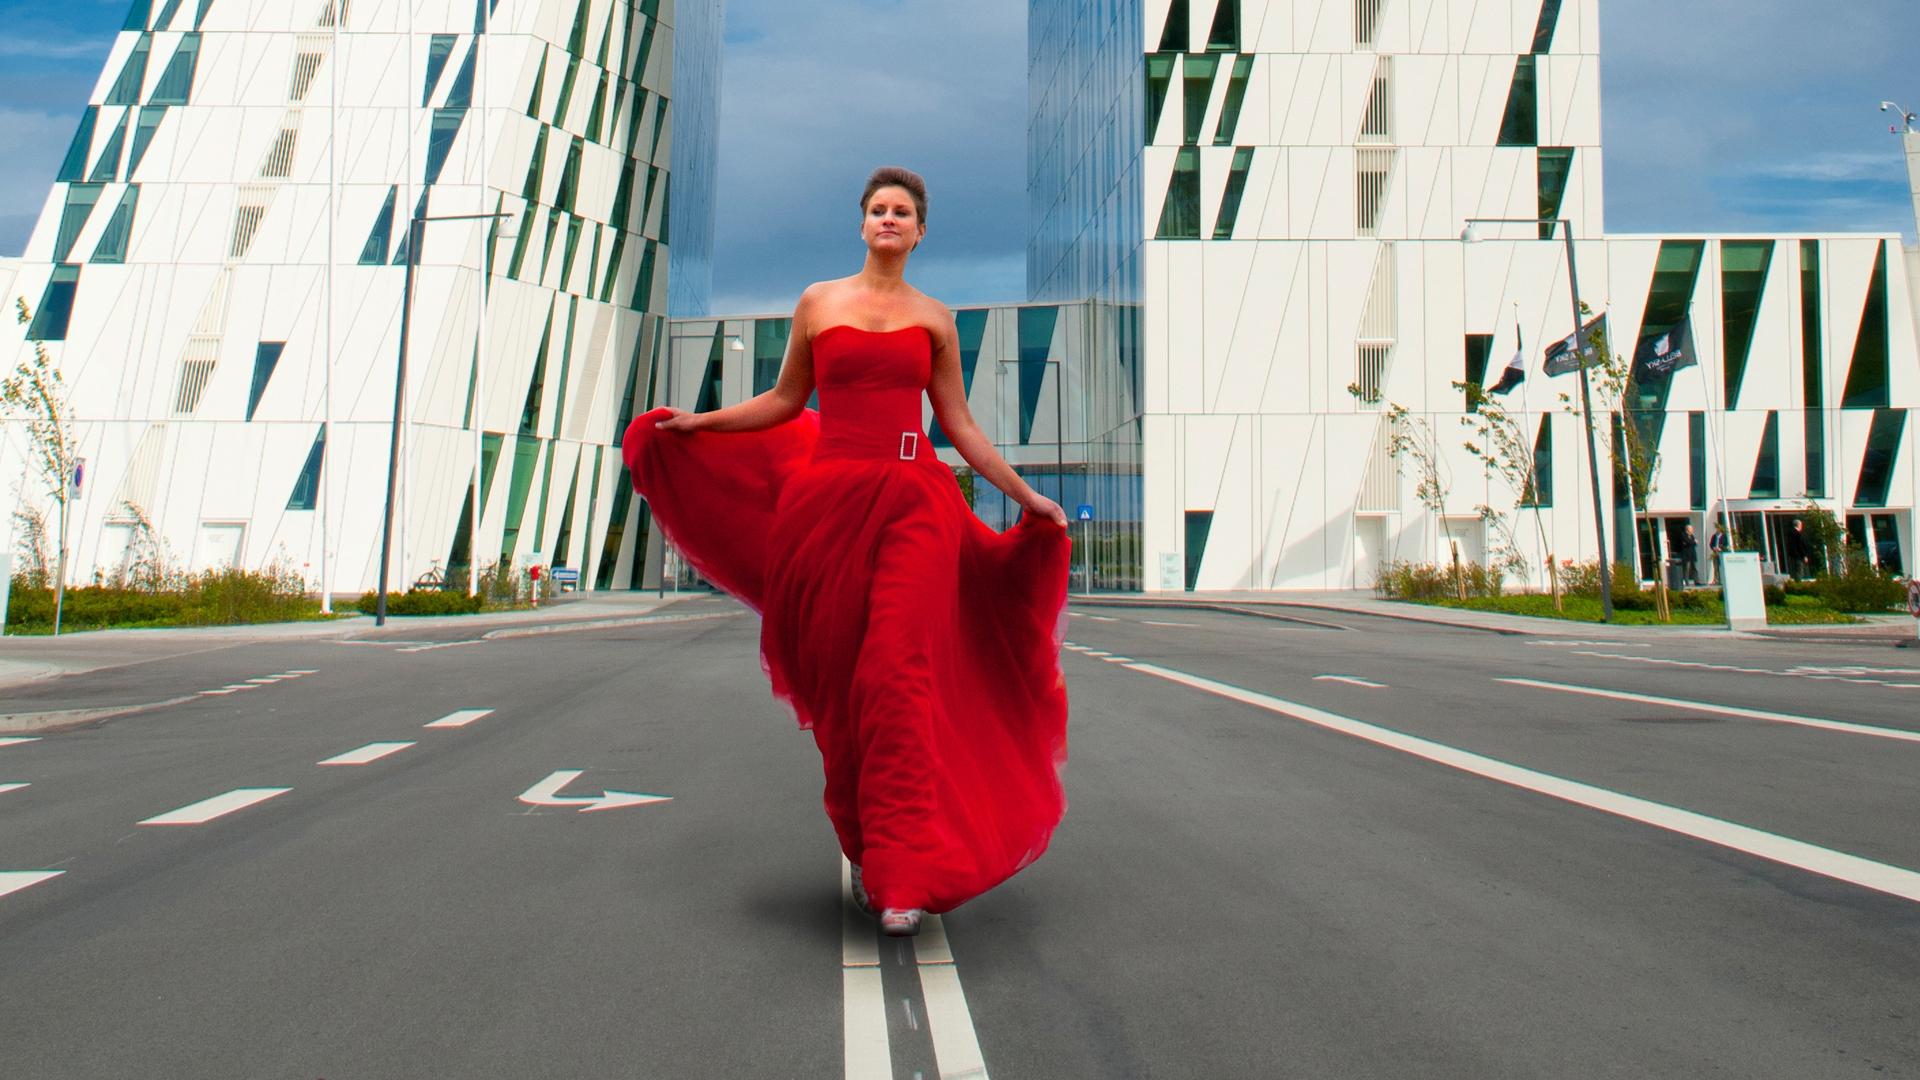 Modebilleder on loacation eller i studie